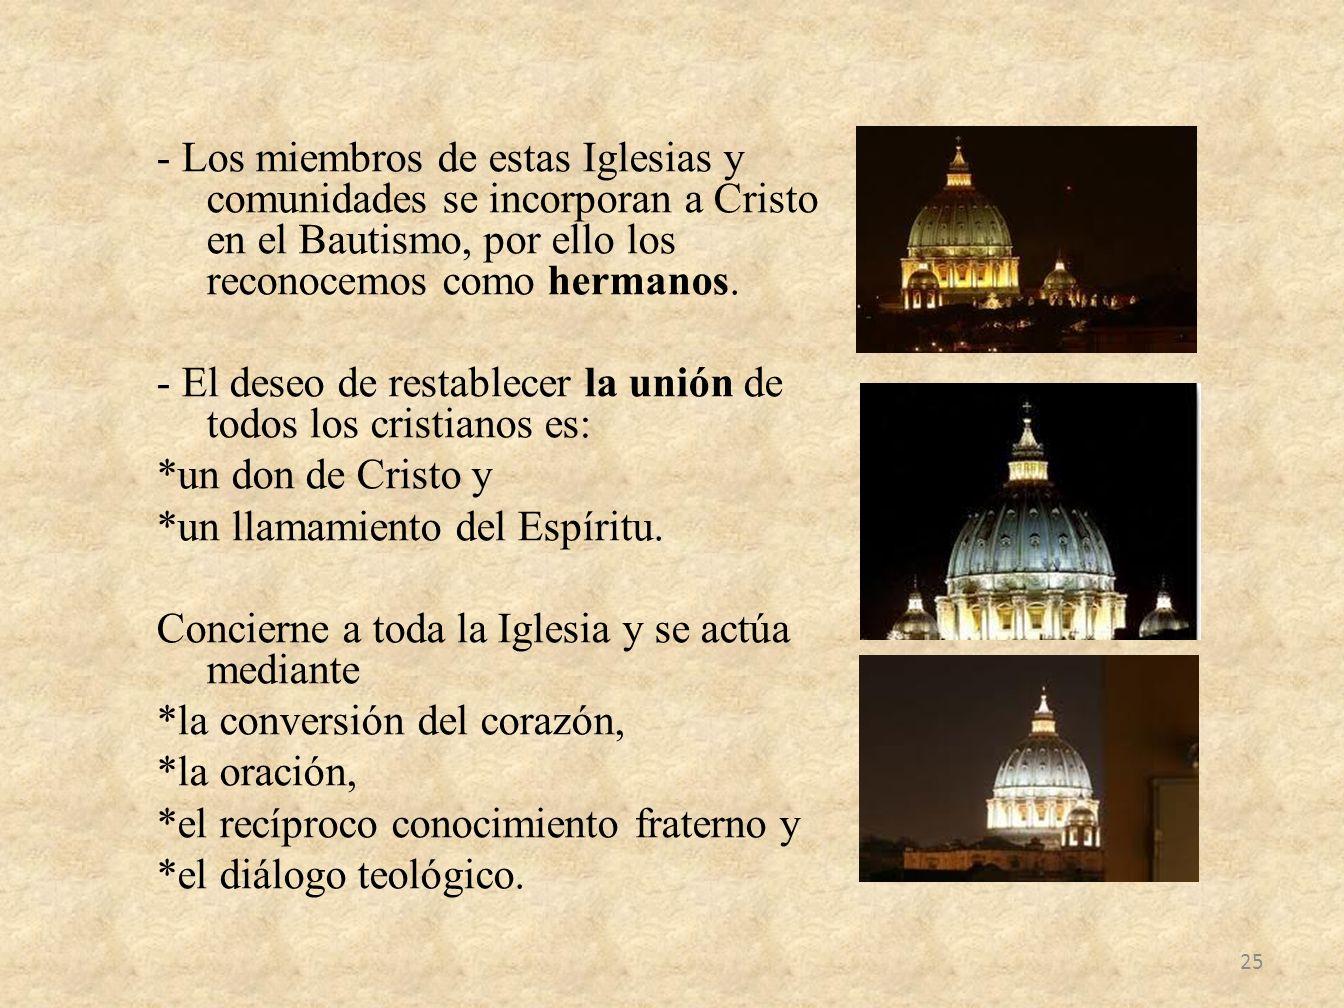 - Los miembros de estas Iglesias y comunidades se incorporan a Cristo en el Bautismo, por ello los reconocemos como hermanos. - El deseo de restablece